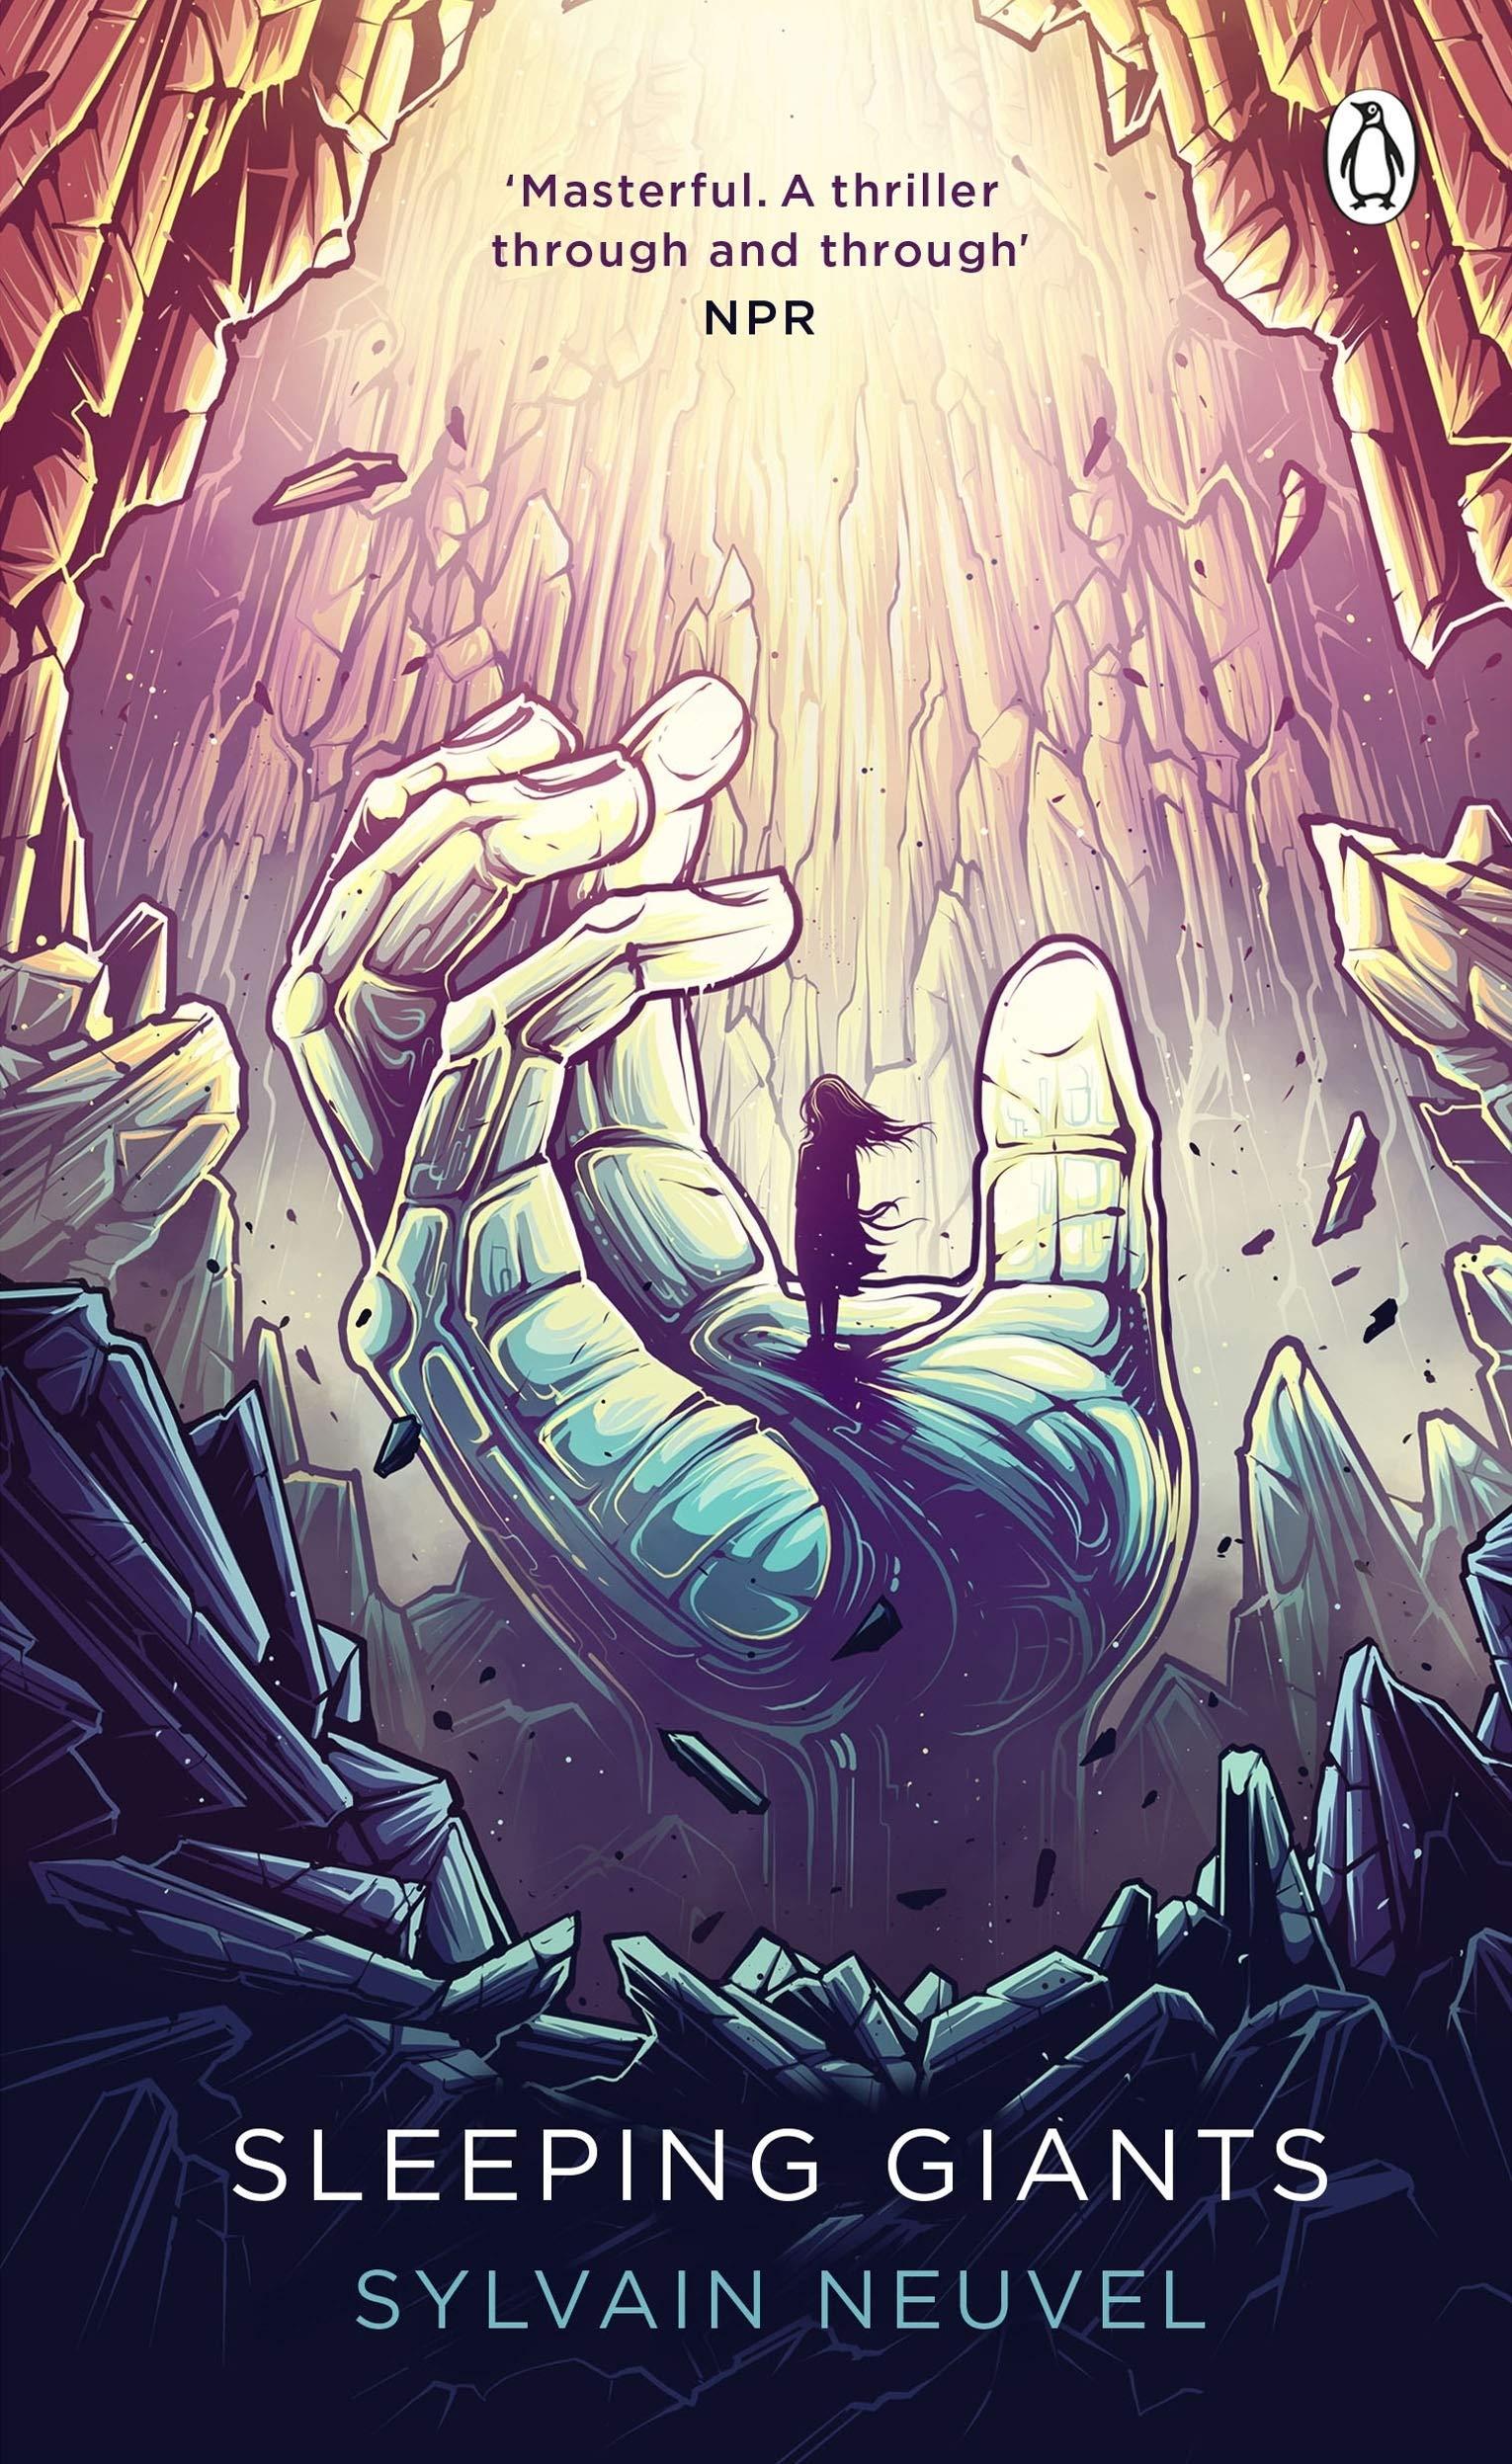 Sleeping Giants. Penguin Picks: Themis Files Book 1: Amazon.es: Neuvel, Sylvain, Neuvel, Sylvain: Libros en idiomas extranjeros